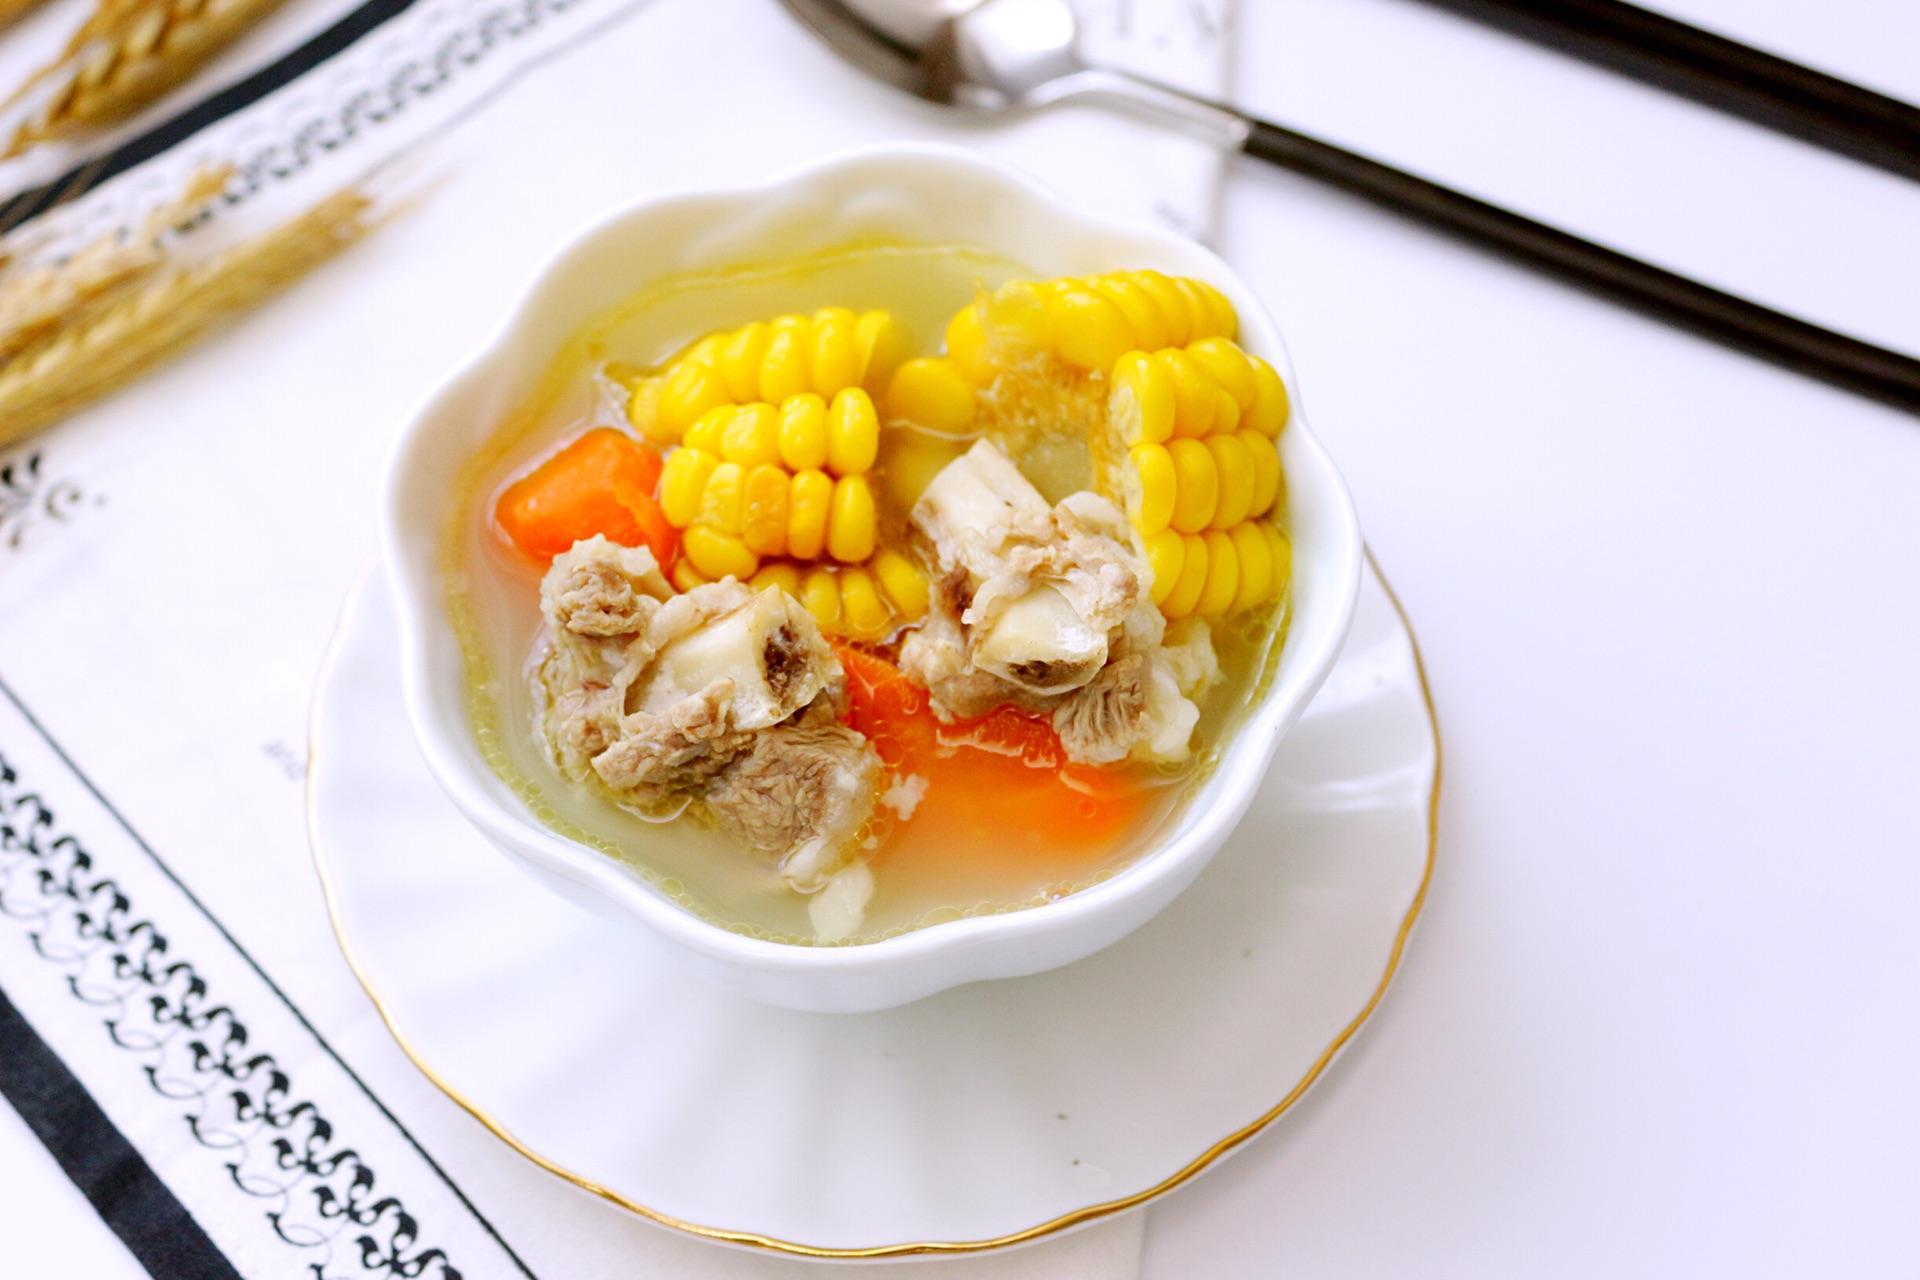 排骨汤炖多长时间味道最鲜美?玉米排骨汤百年老店都这样熬!